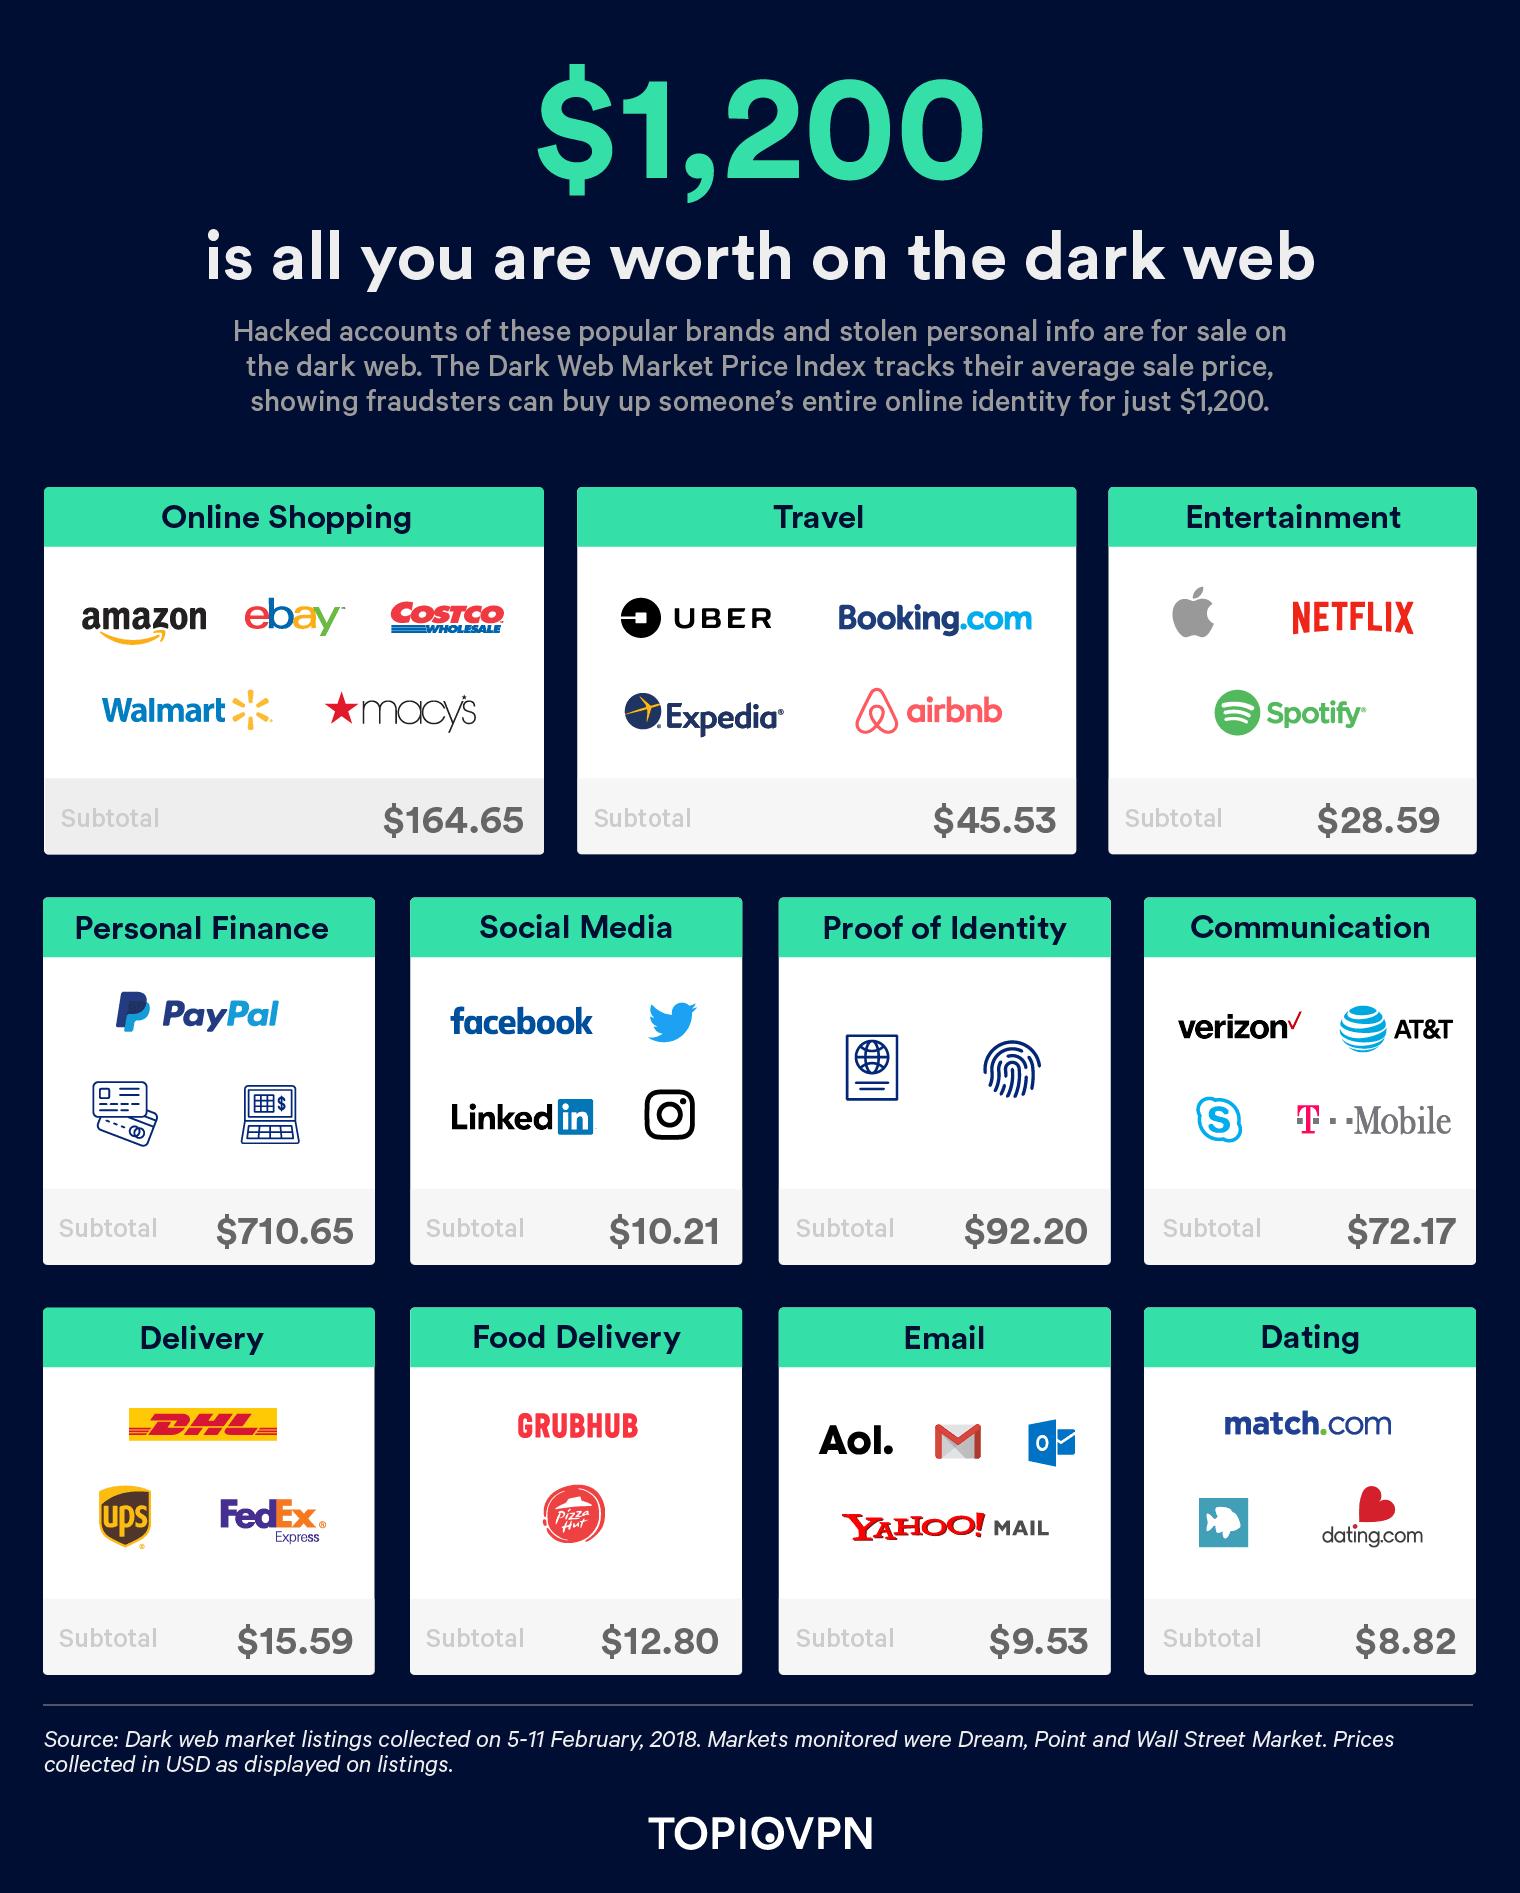 стоимость персональных данных в даркнете